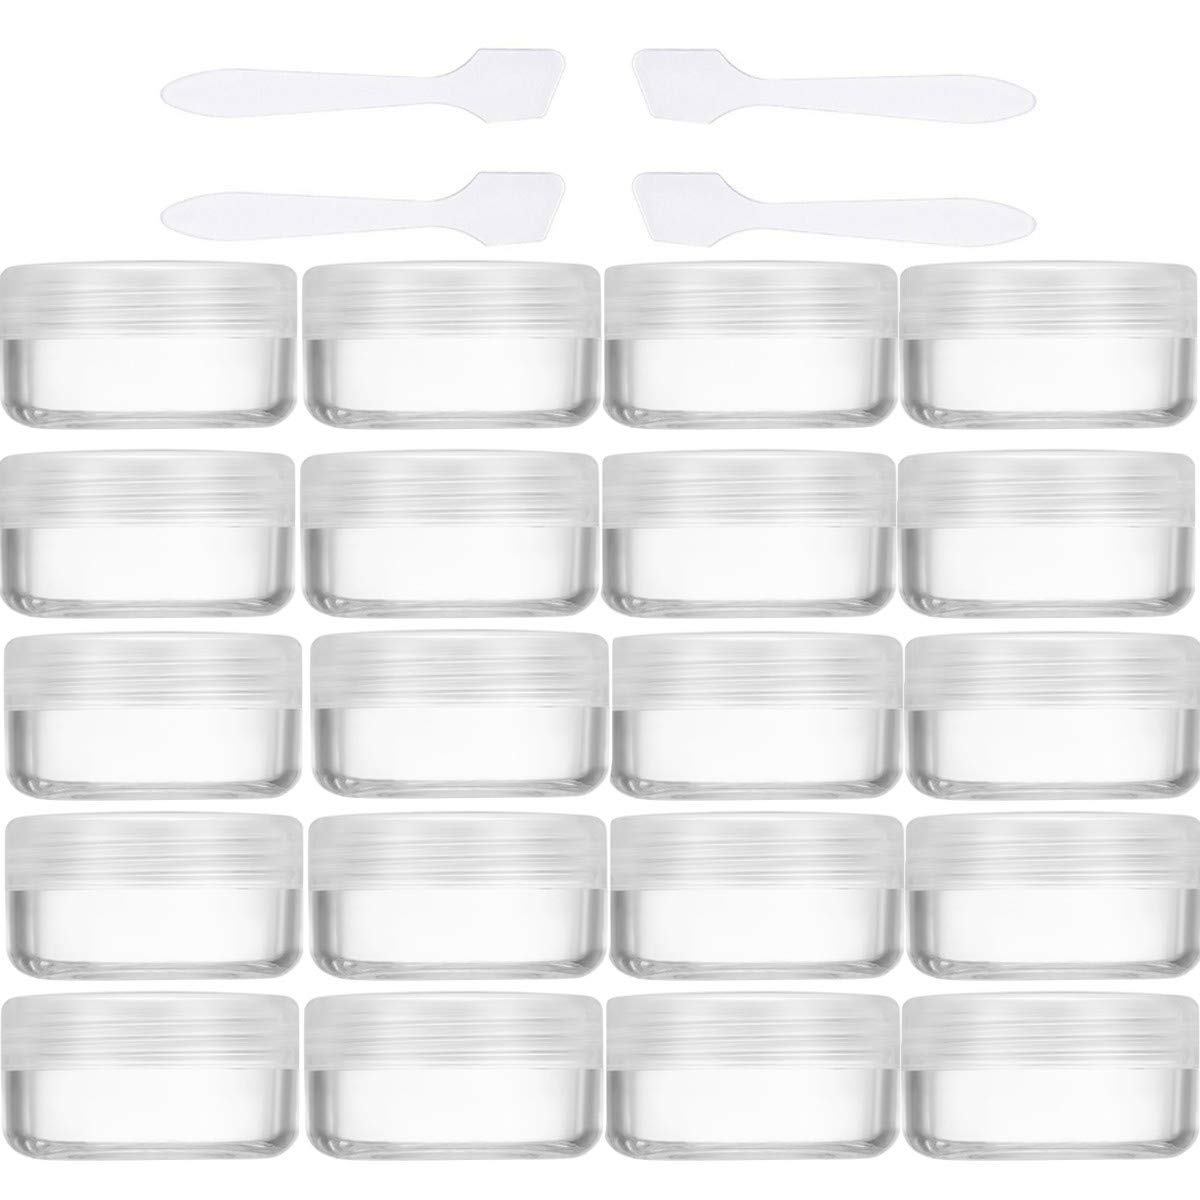 20 Stück Cremedose Leer 10g/10ml Transparent Klein Kunststoff Tiegel - für Kosmetikdose, Lippenbalsam Döschen, Nailart Döschen - Mit Transparent Schraubdeckel und 4 Stück Mini Spatel Lippenbalsam Döschen